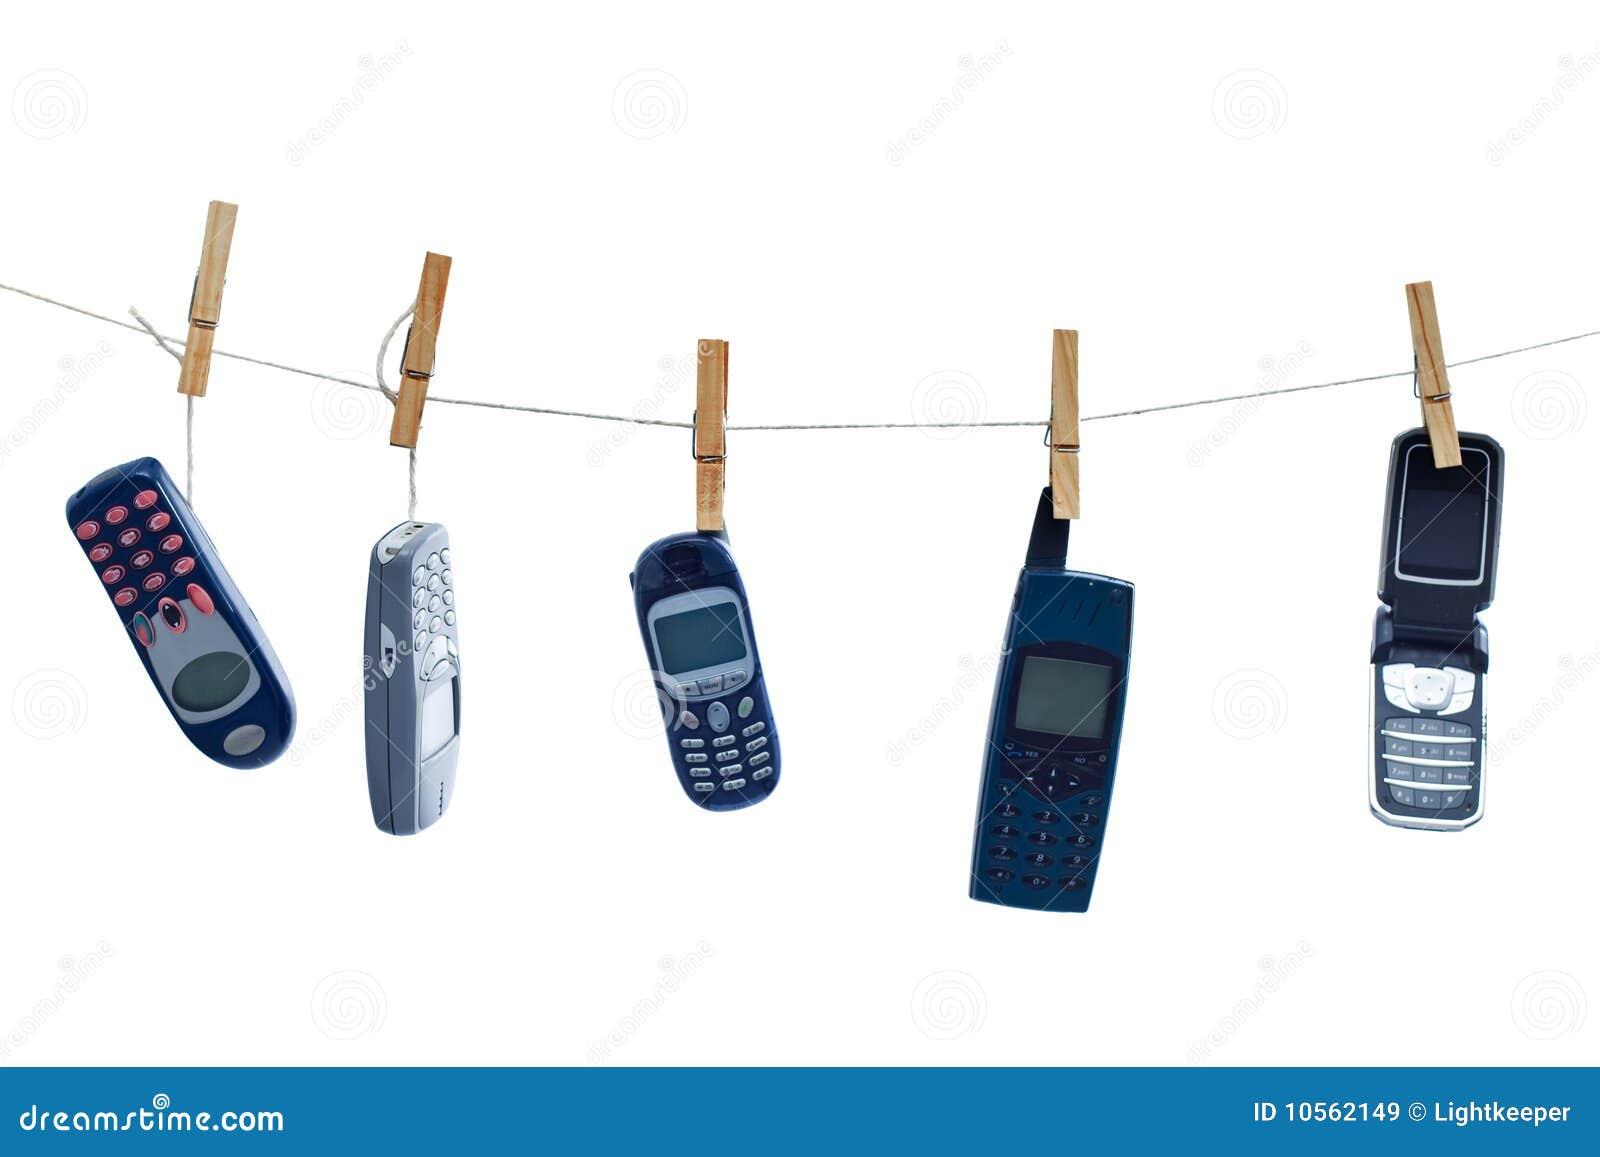 Productos de Electronica - yacompre.com.ar